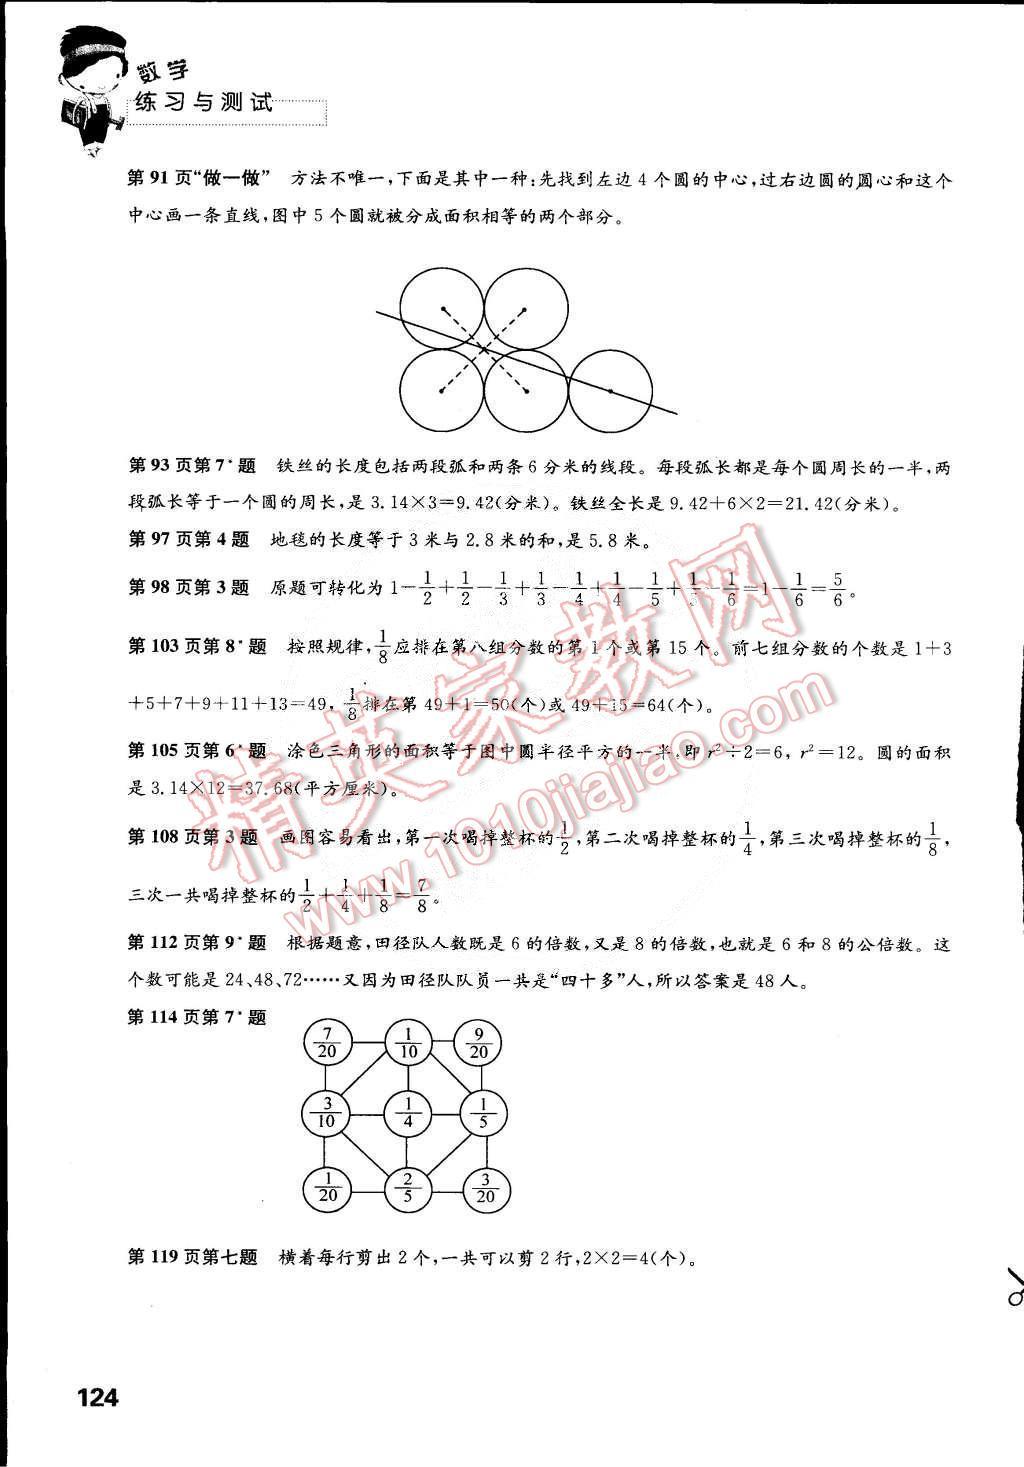 2015年练习与测试小学数学五年级下册苏教版第8页